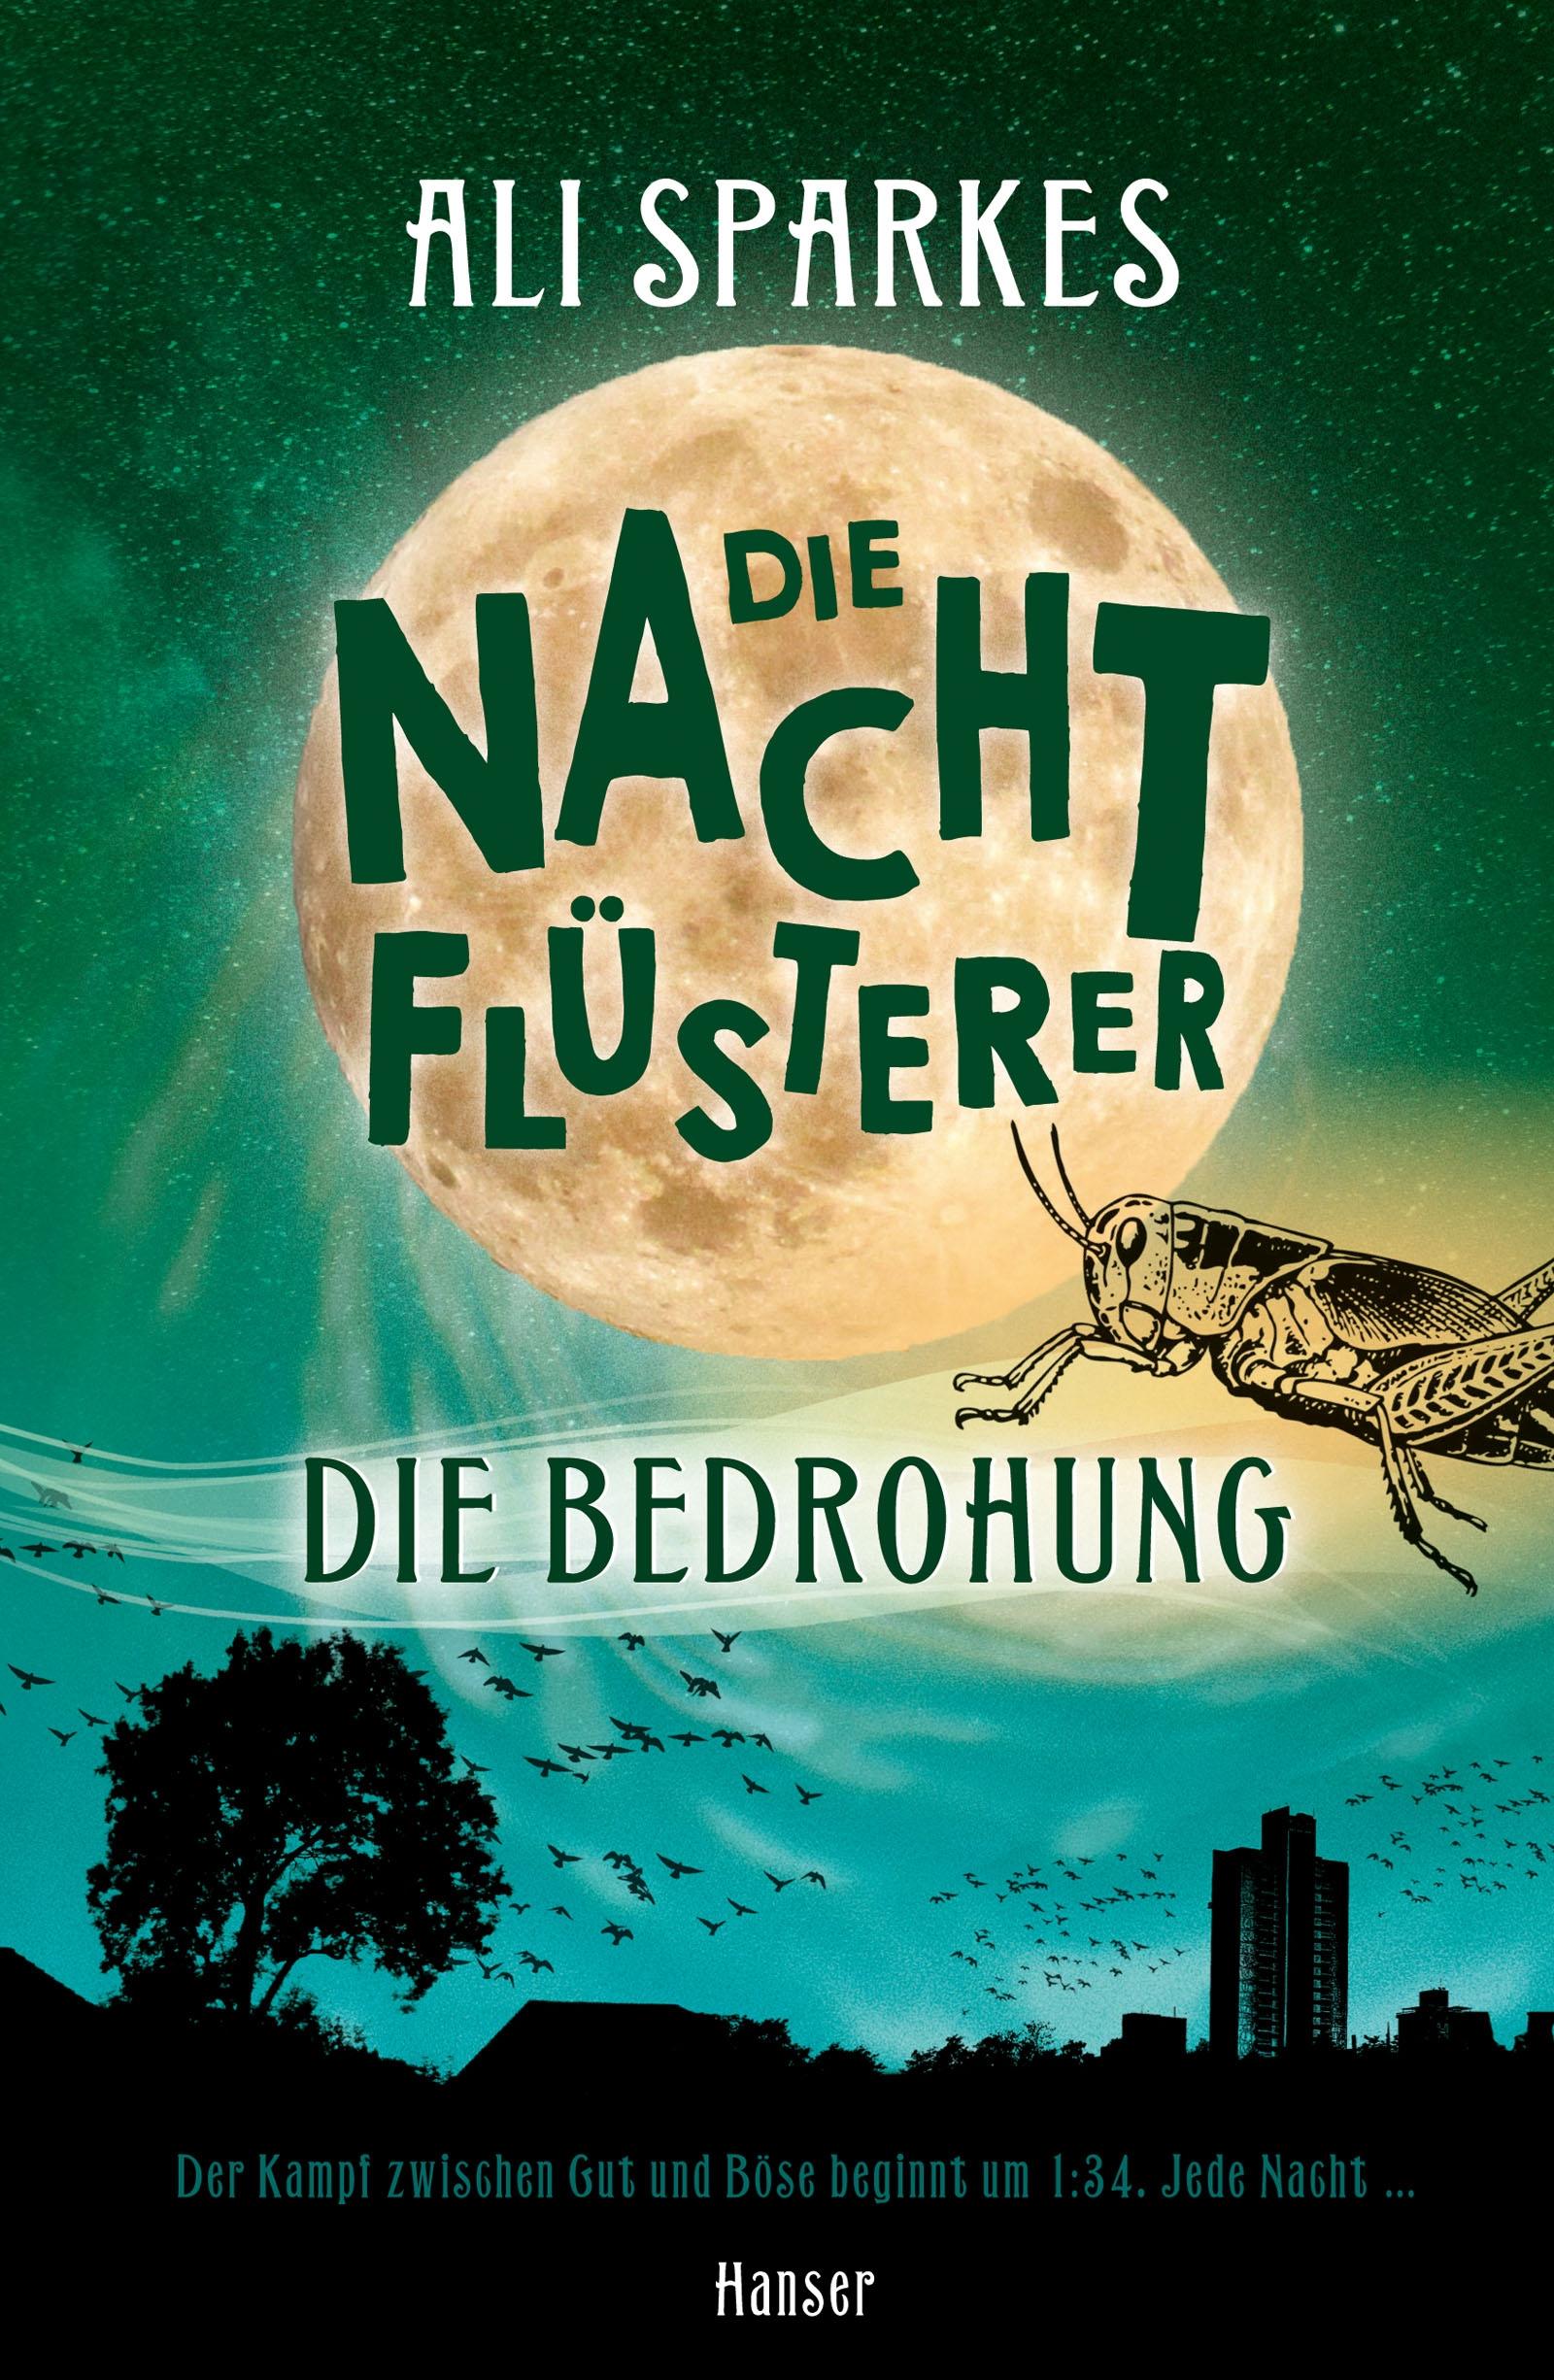 https://www.hanser-literaturverlage.de/buch/die-nachtfluesterer-die-bedrohung/978-3-446-26443-4/